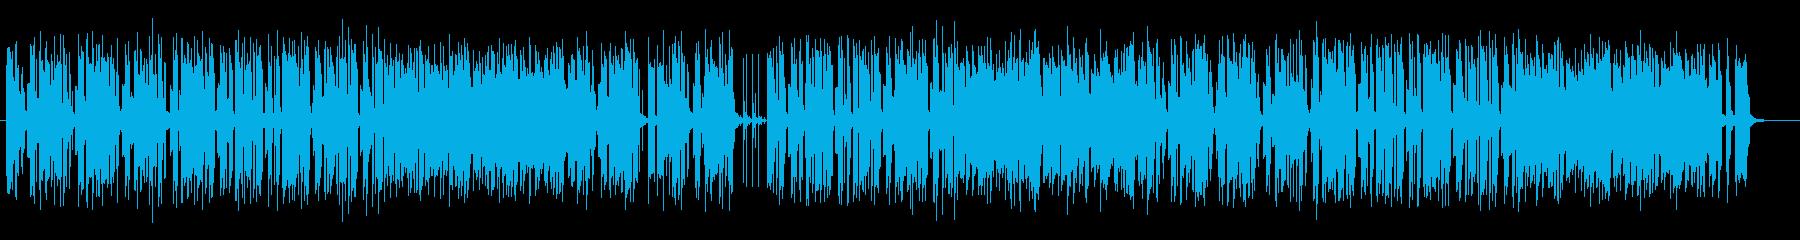 ギターリフレインが木漏れ日を思わせる曲の再生済みの波形